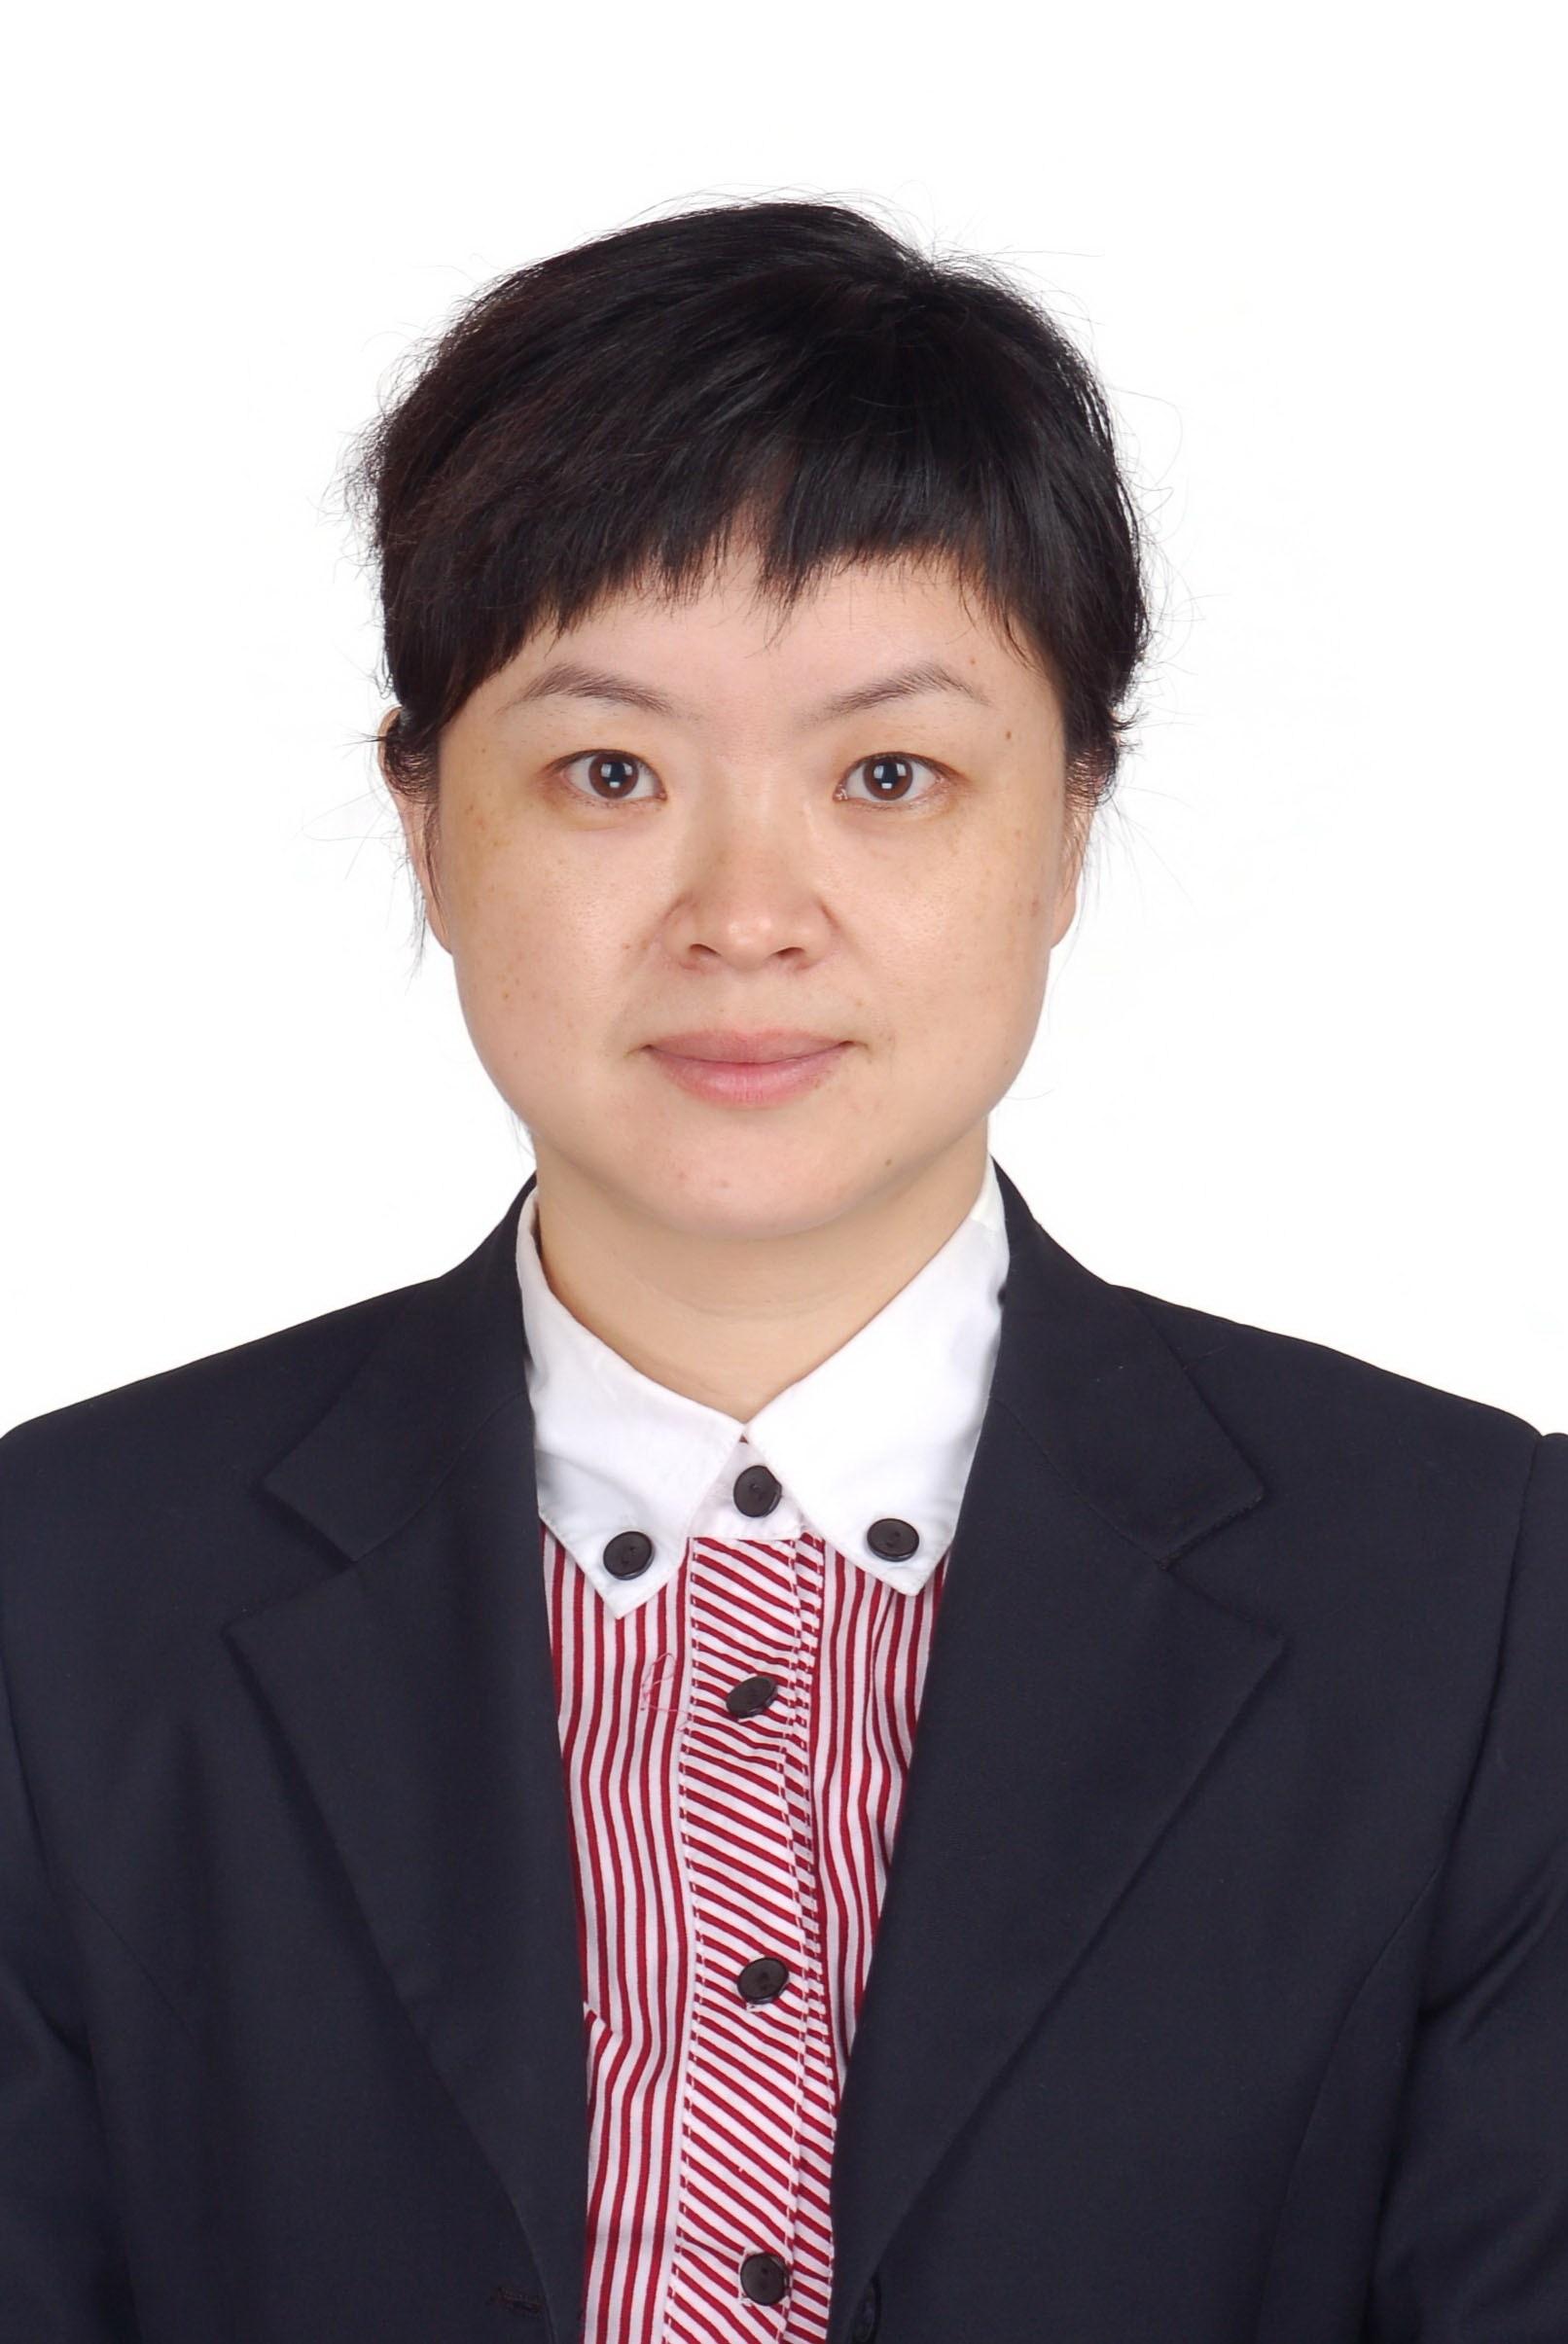 共青团重庆市五届一次全委会选举产生新一届团市委领导班子(名单)图片